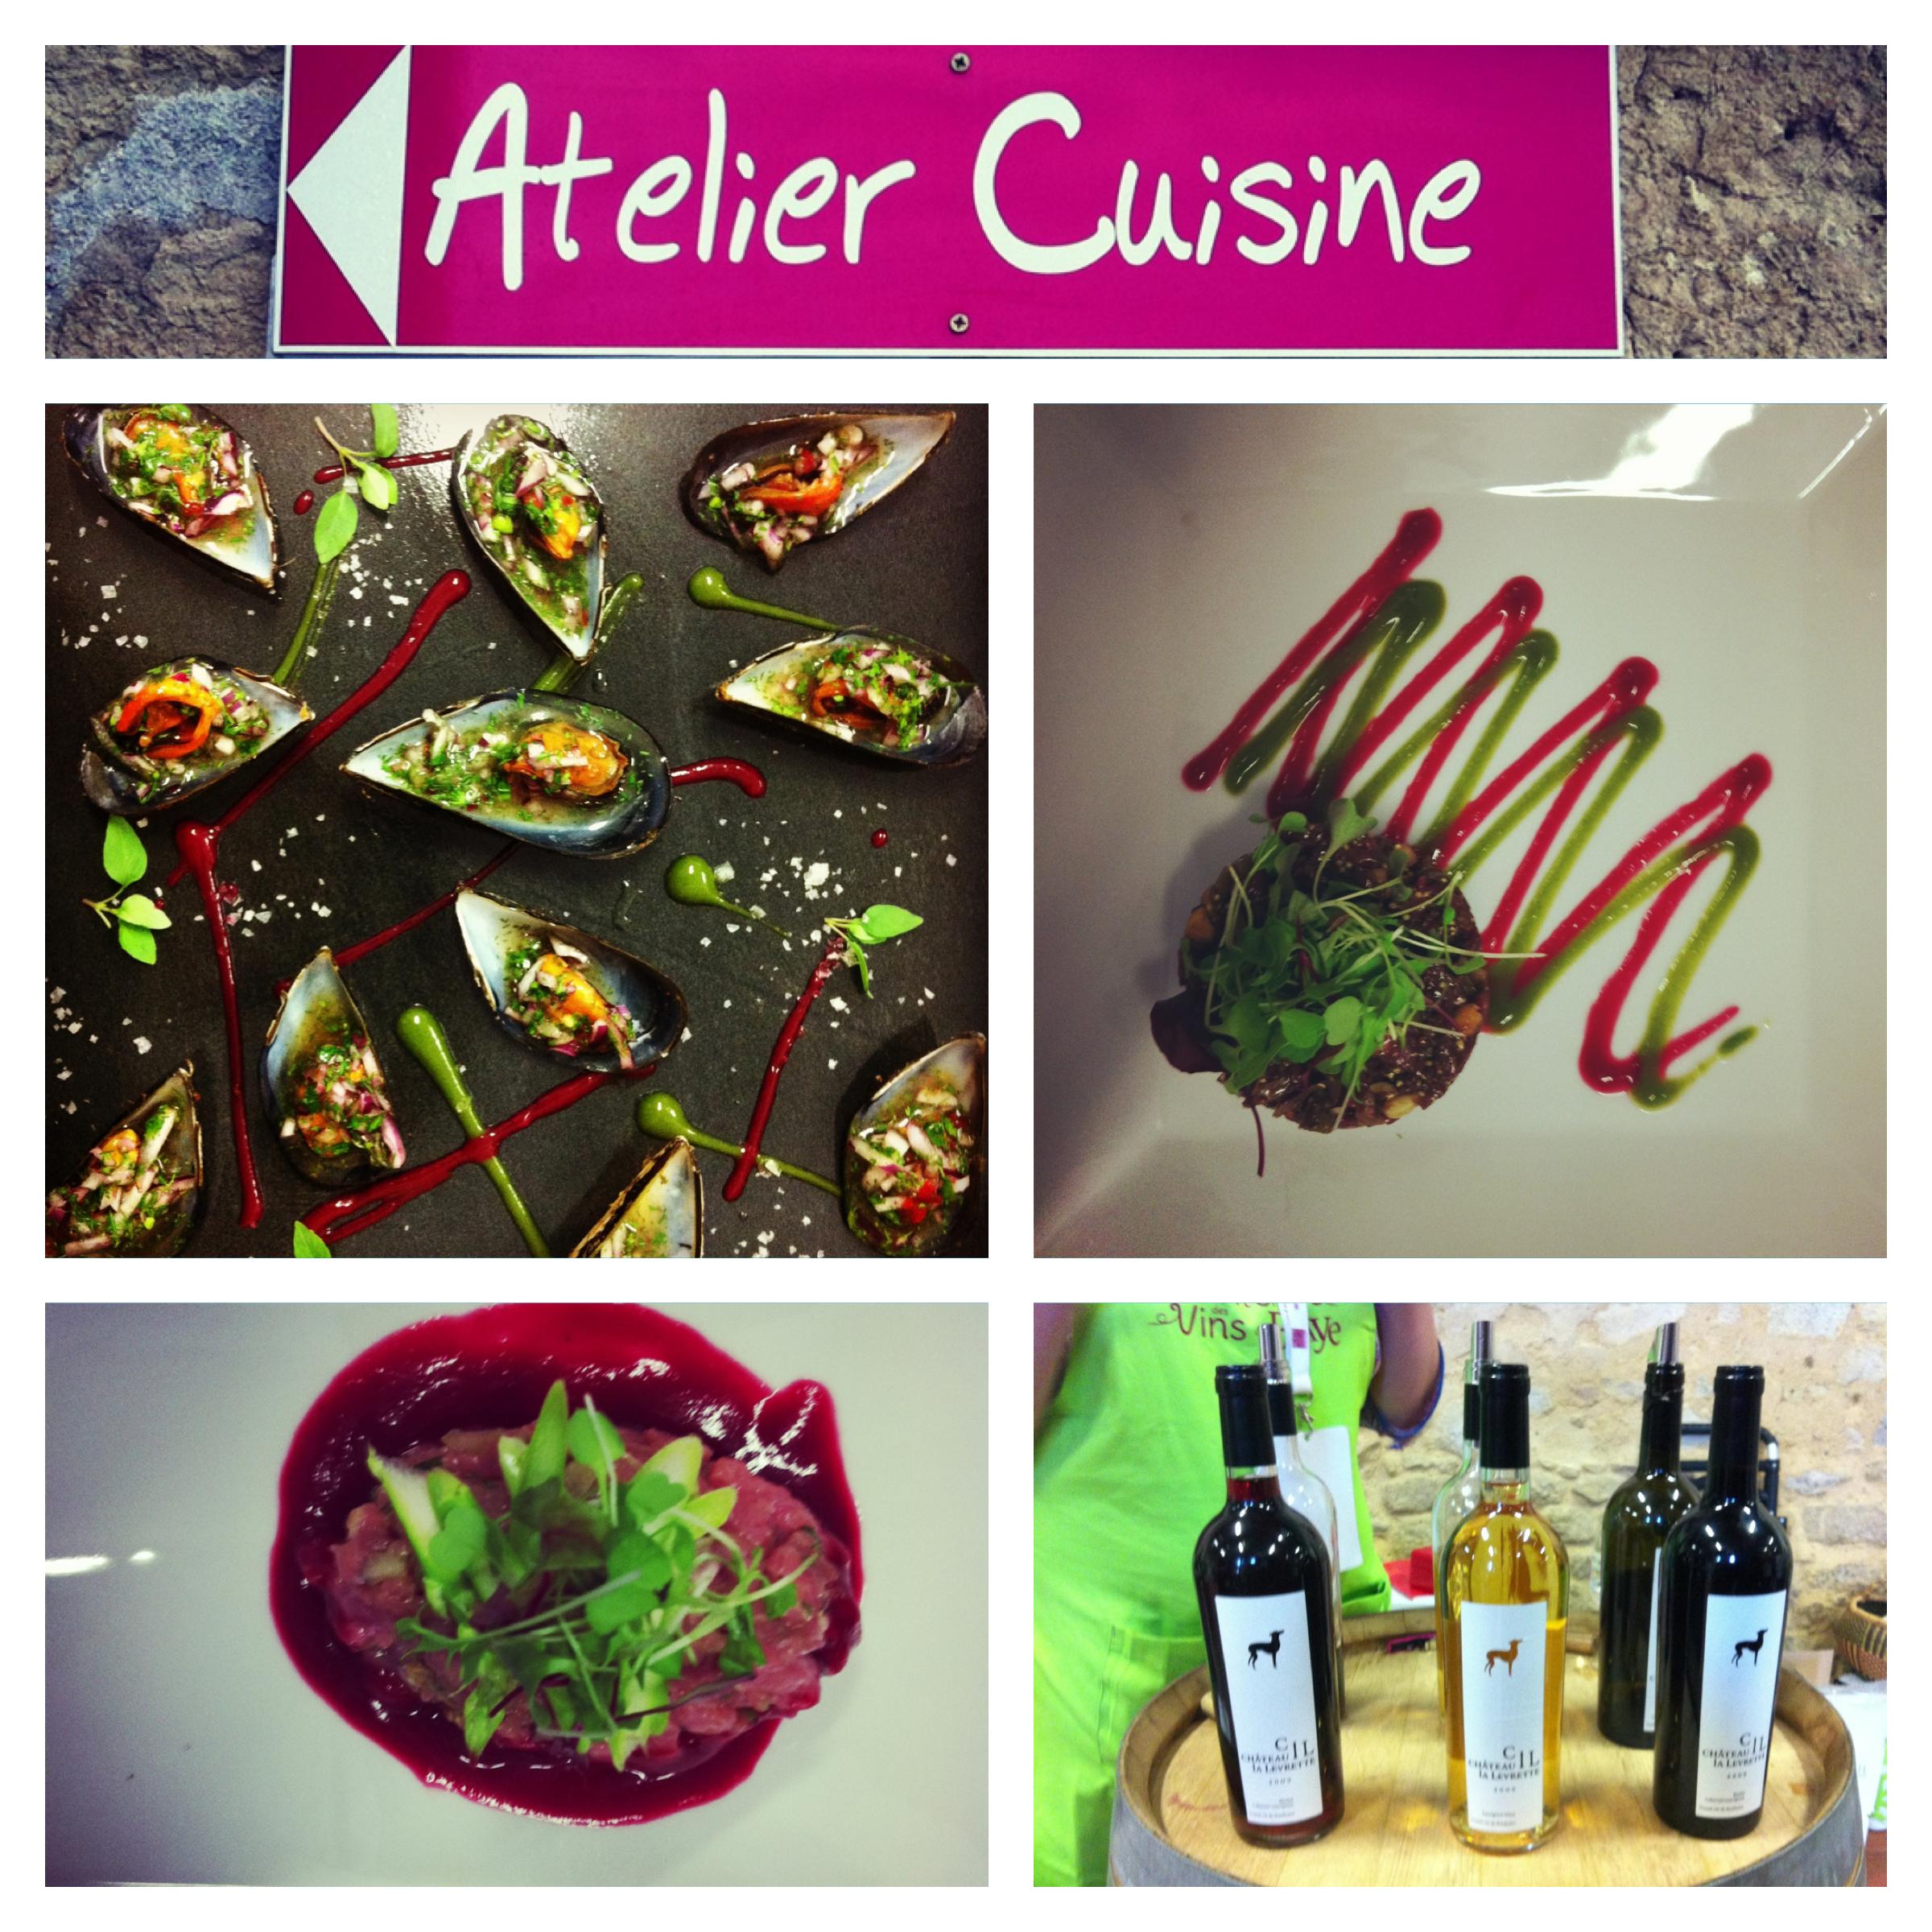 Atelier Cuisine Lili à Bordeaux